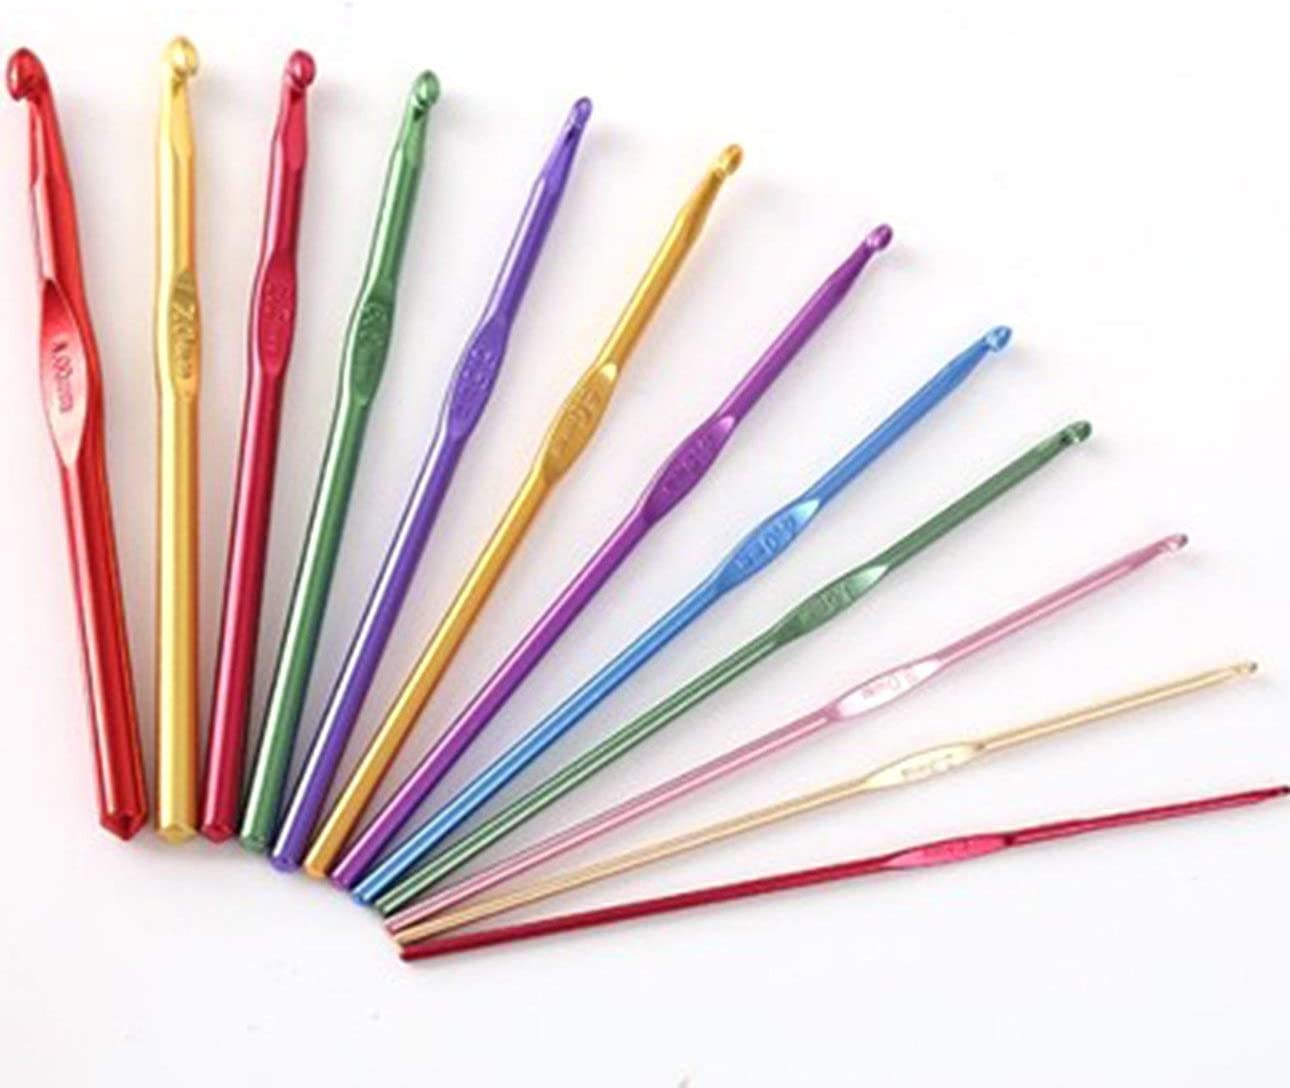 Ballylelly 12 pezzi//set ergonomici multi colore in acciaio inossidabile uncinetti filati ferri da maglia 2-8mm strumenti per cucire con custodia